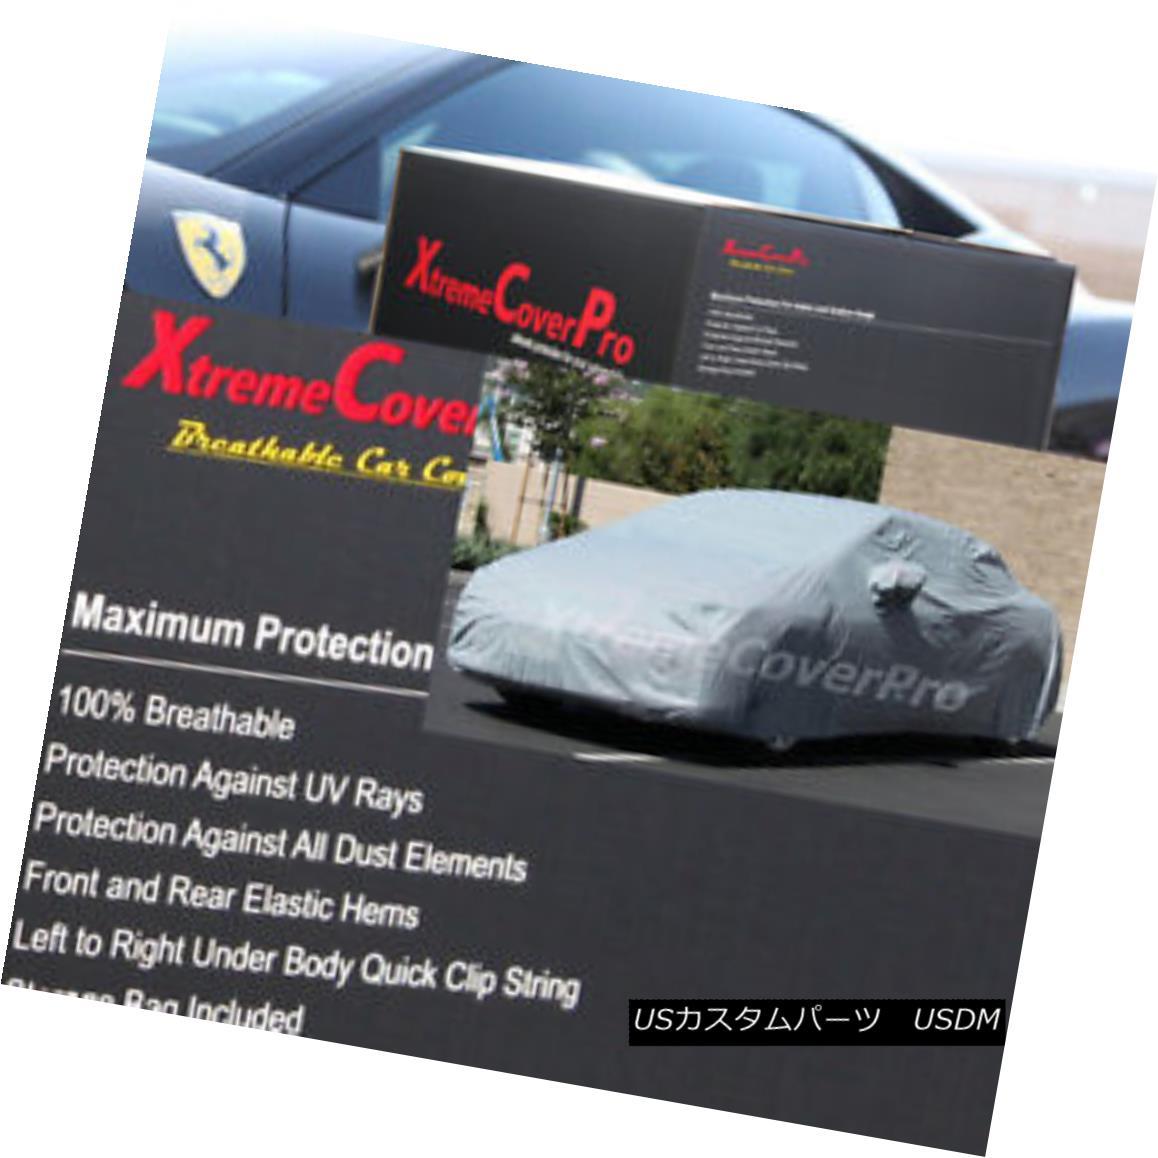 カーカバー 1988 1989 1990 Pontiac Firebird Breathable Car Cover w/MirrorPocket 1988年1989年1990年ポンティアック・ファイヤーバード通気性車カバー、MirrorPocket